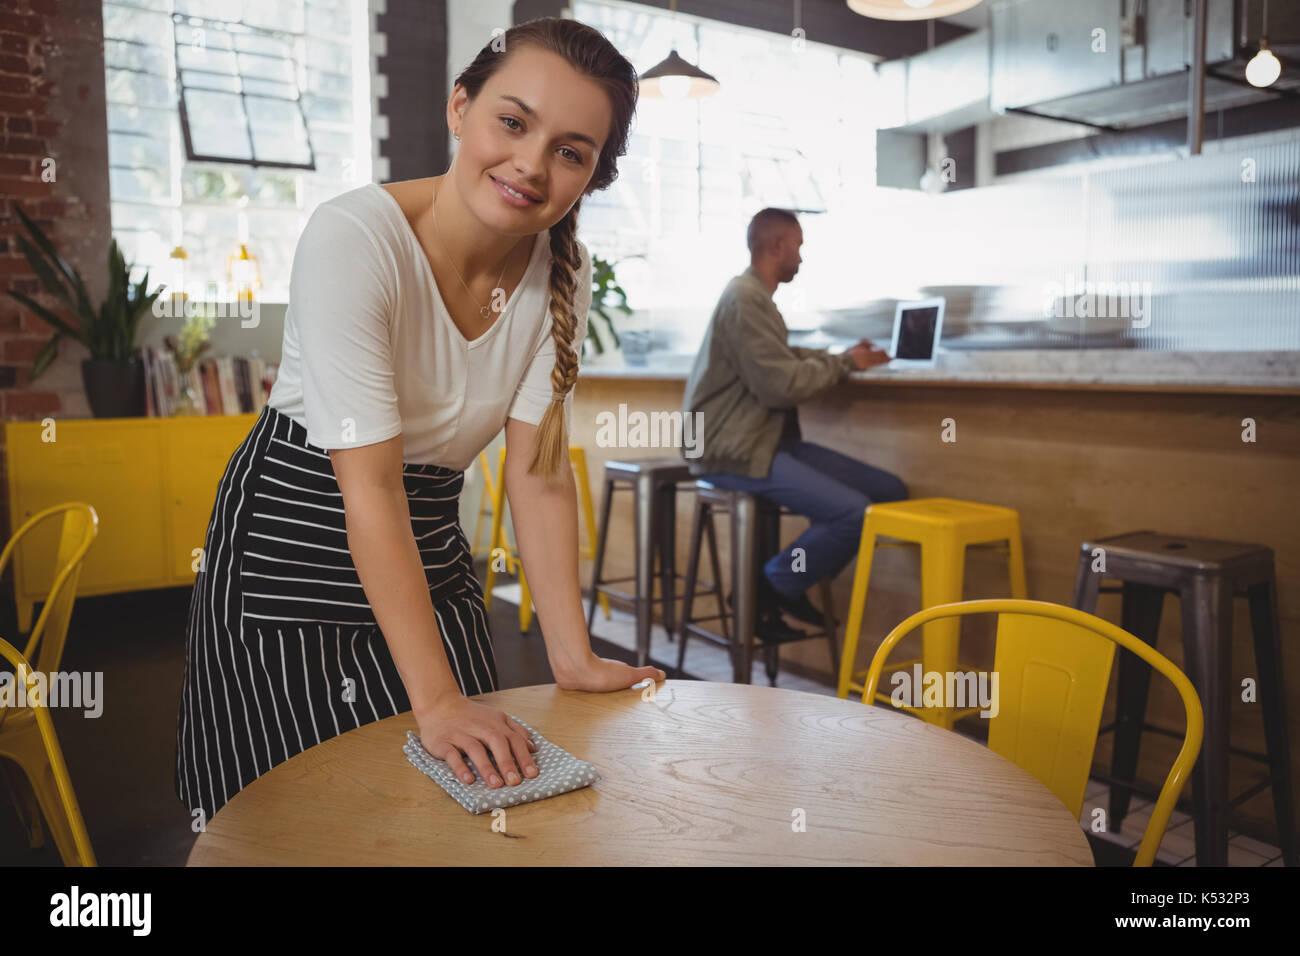 Ritratto di giovane cameriera tabella di pulizia presso il cafe Immagini Stock